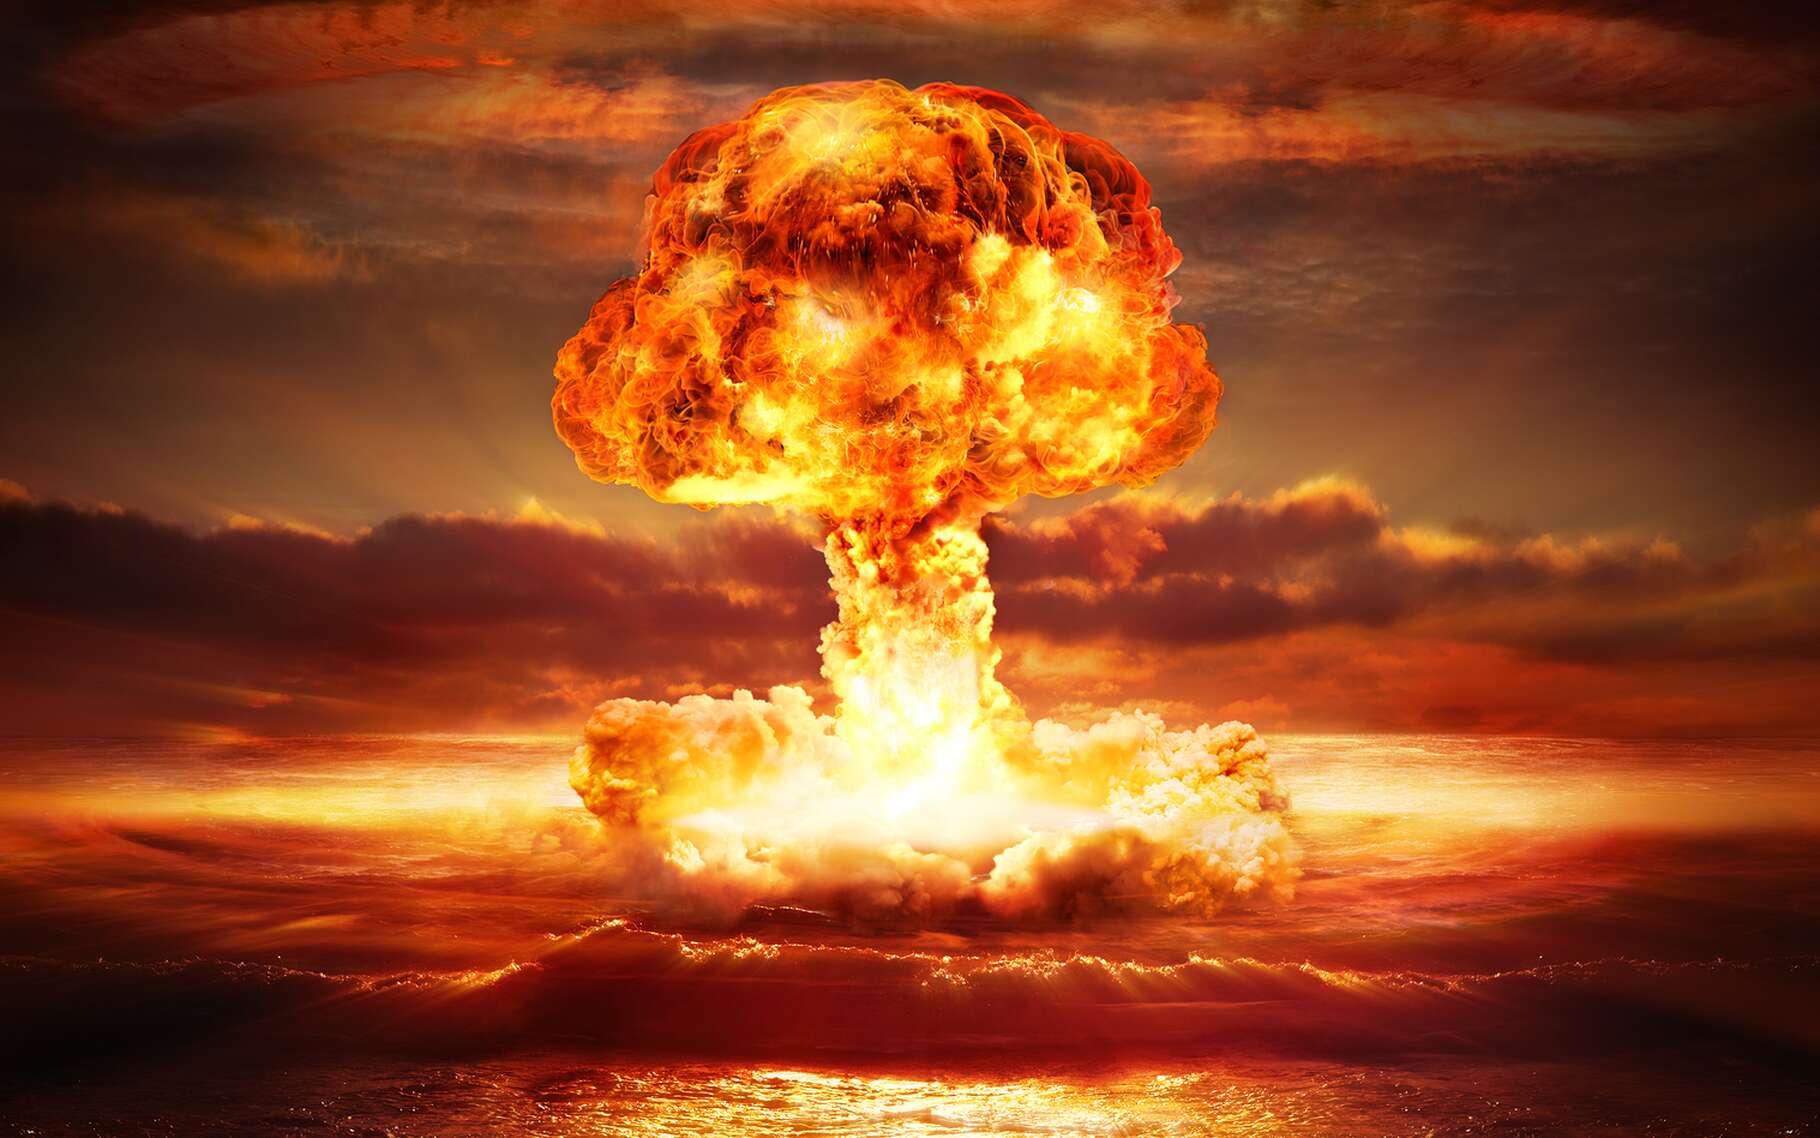 Ivy Mike, la première bombe à hydrogène ou bombe H, a explosé le 1er novembre 1952. © Romolo Tavani, Shutterstock